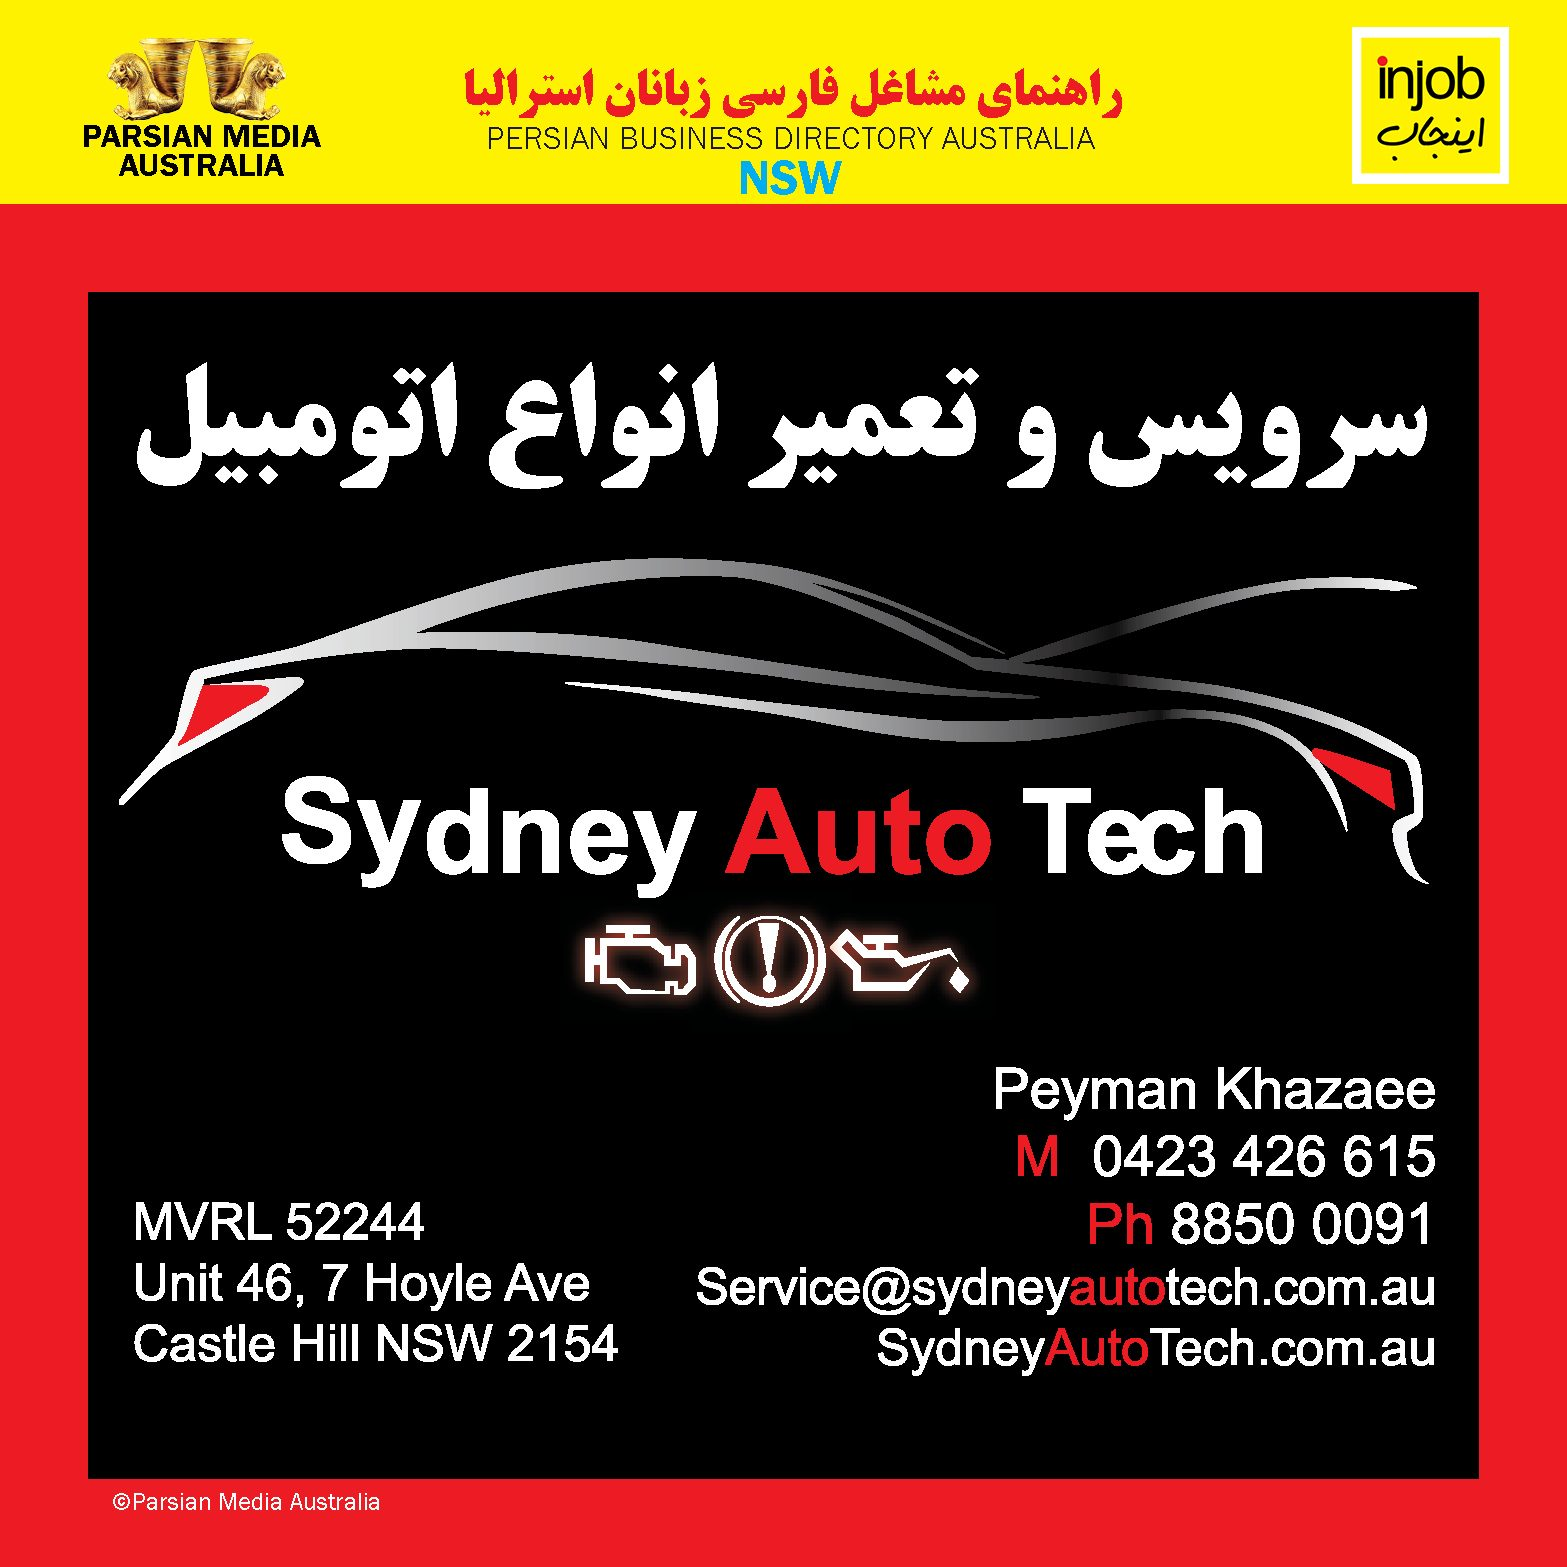 Sydney Auto Tec-Injob 2021-online-app-V1.jpg